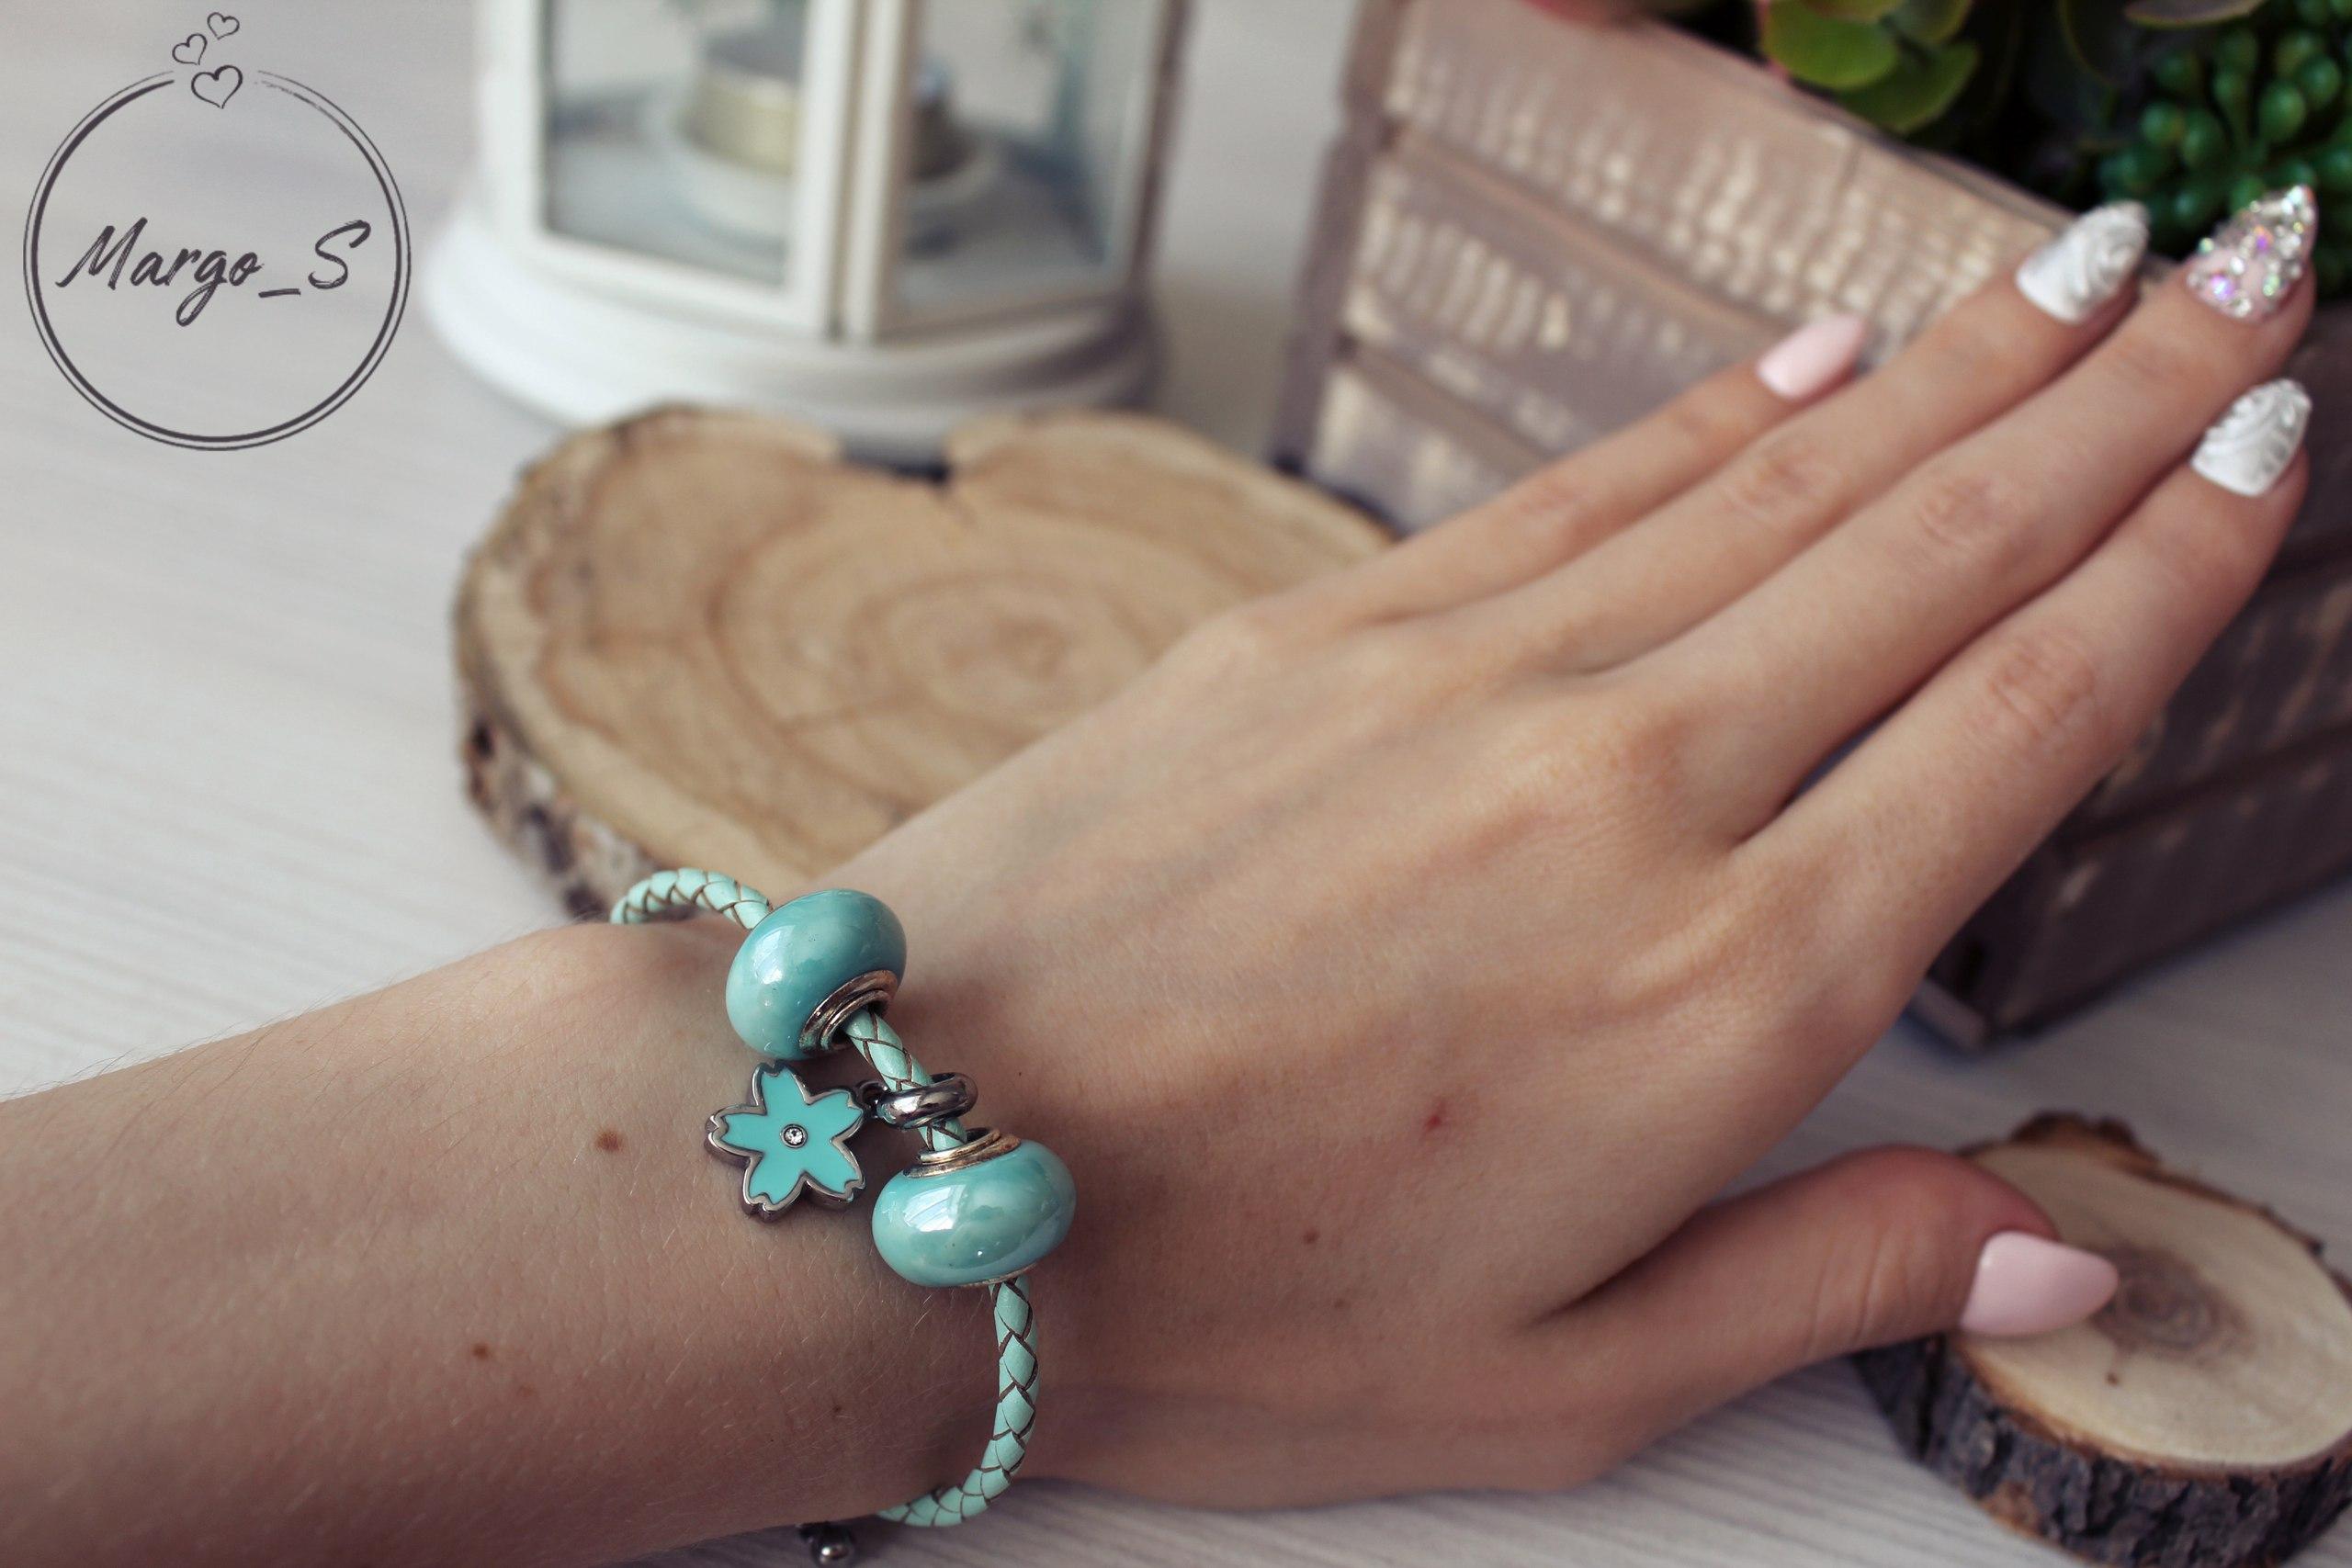 Плетеный браслет с тремя шармами в нежно-голубой гамме за 200 руб из магазина QGGLE